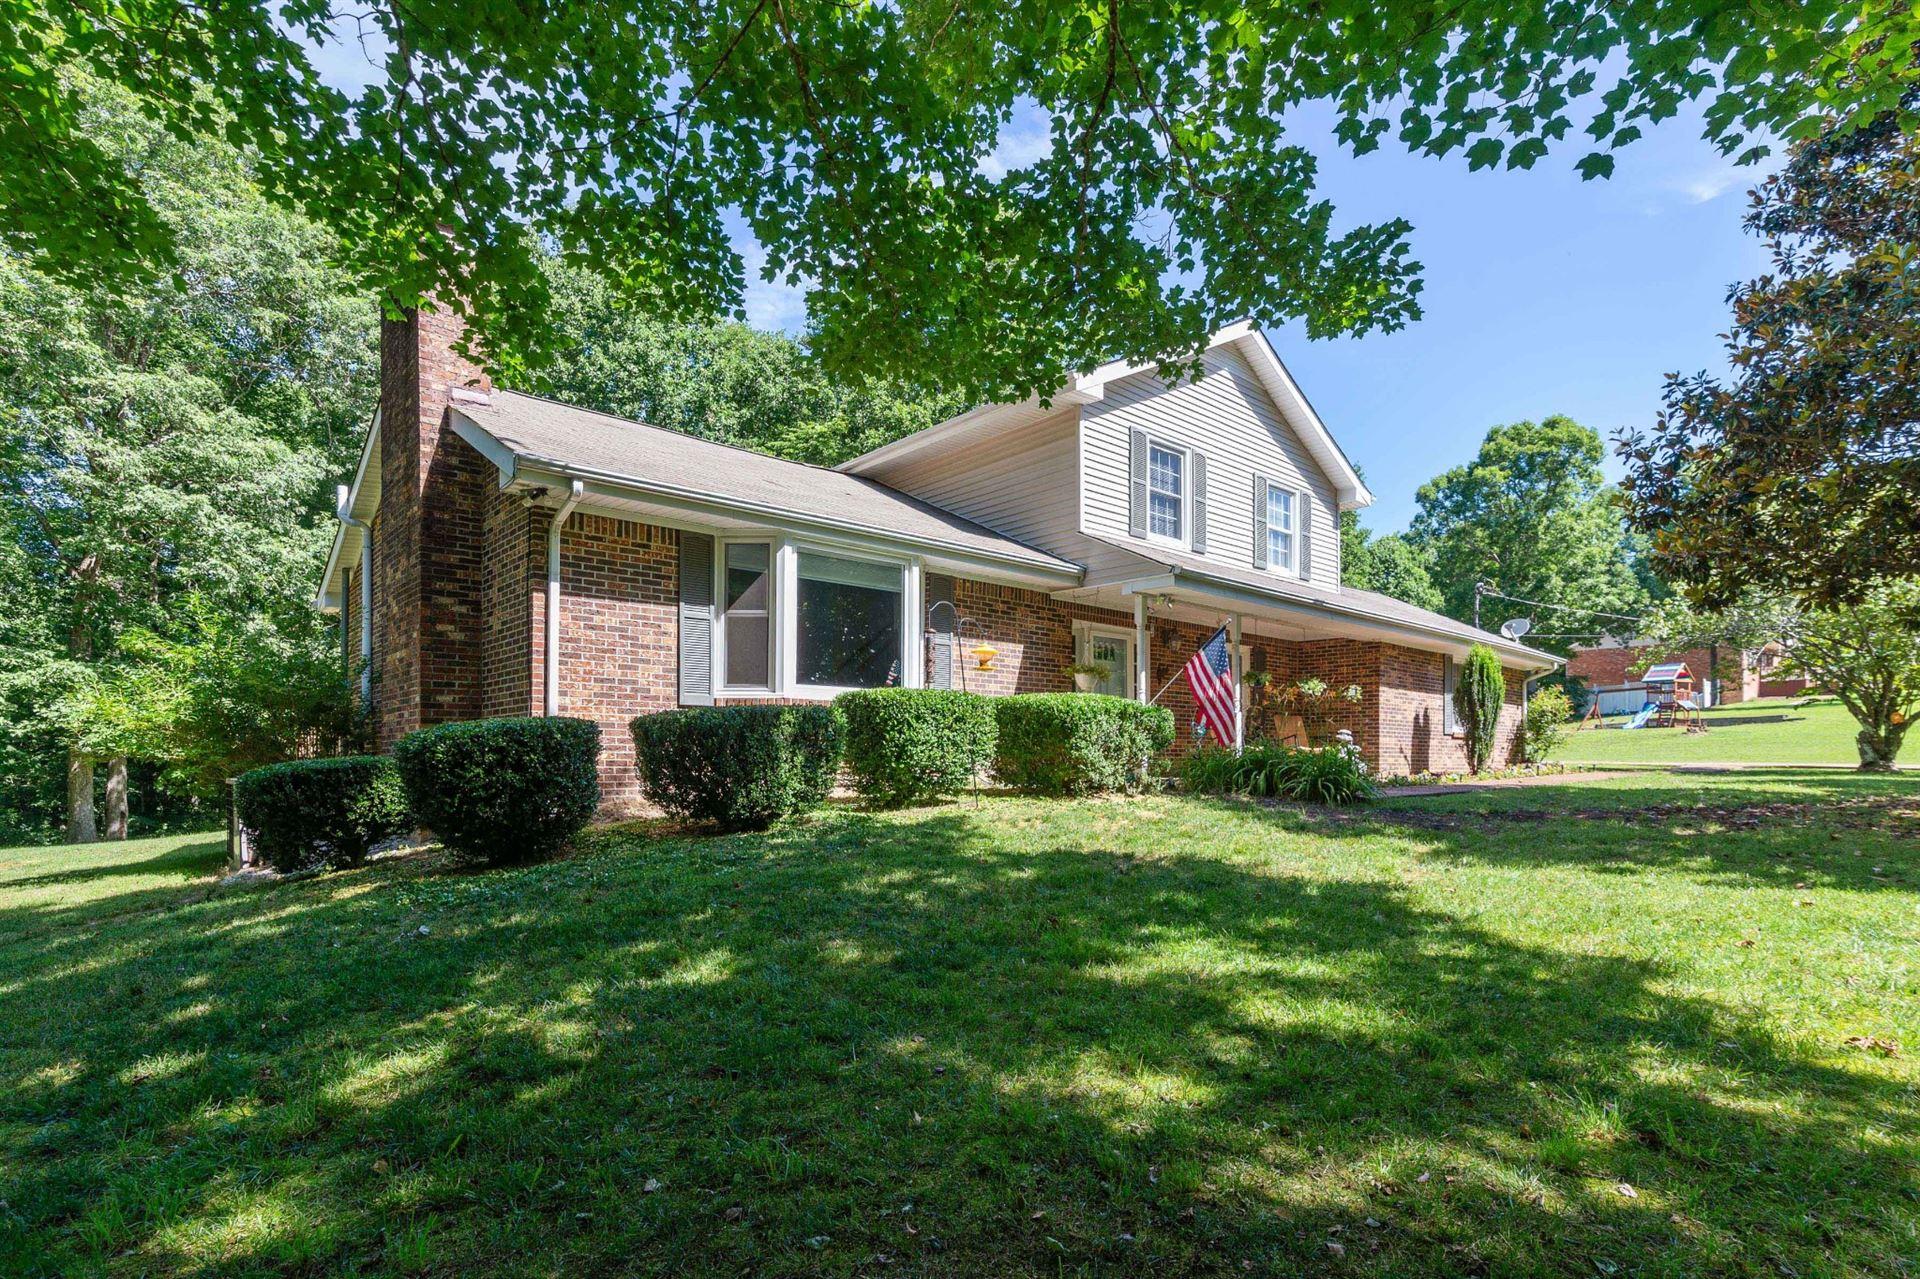 1460 White Bluff Rd, White Bluff, TN 37187 - MLS#: 2266377